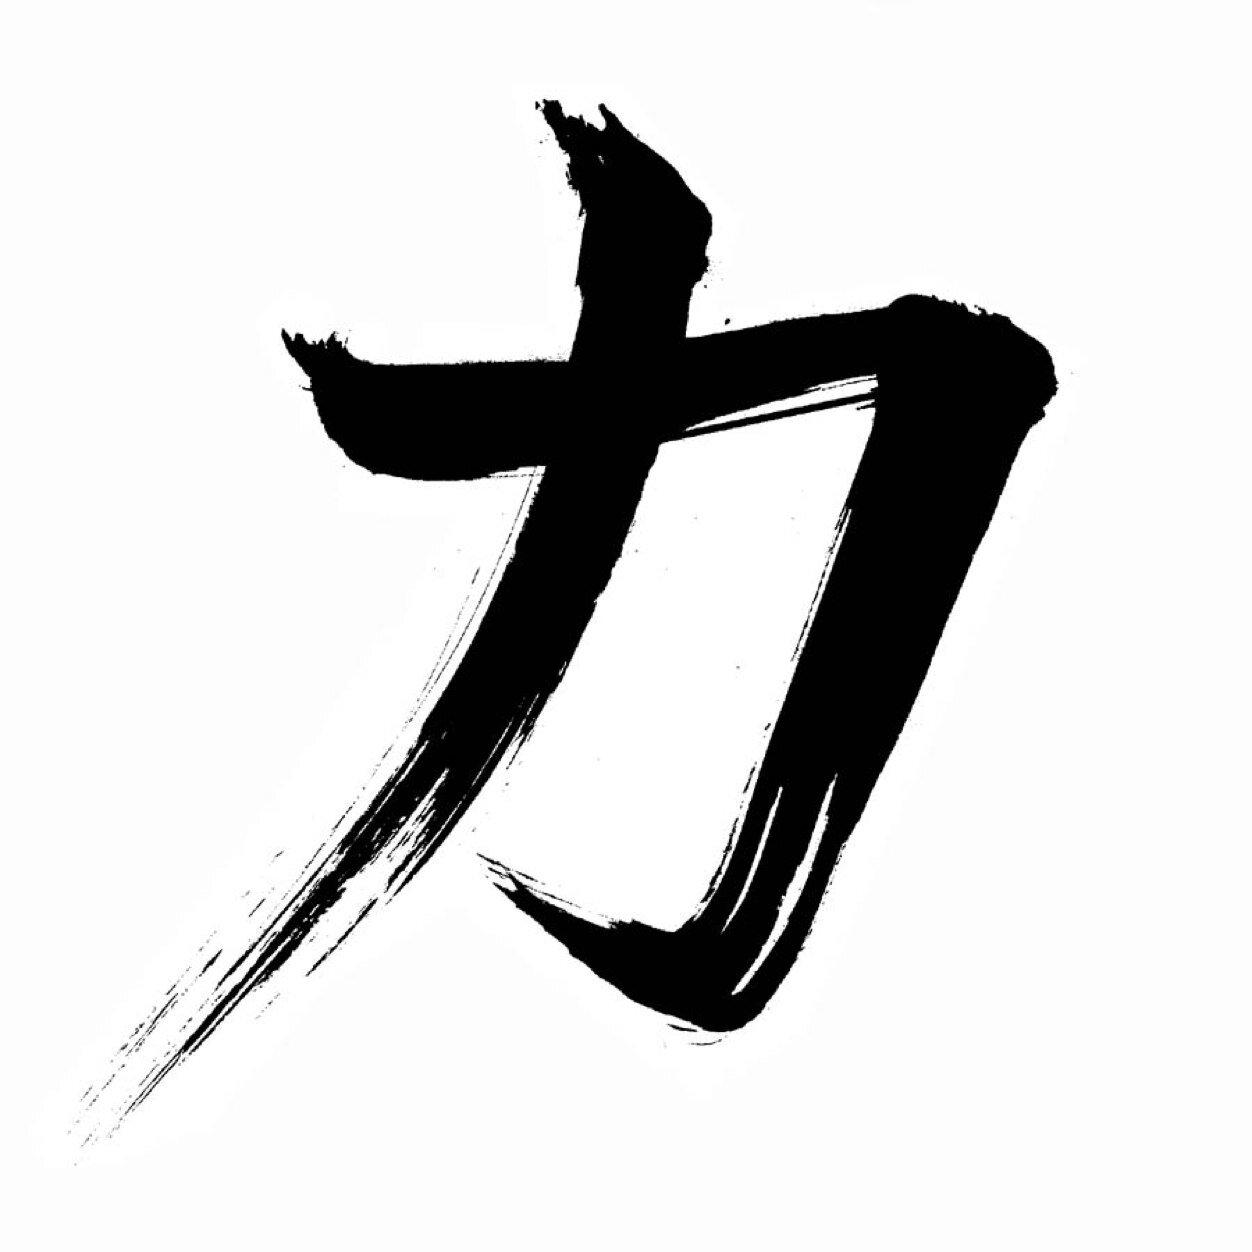 Chikara KarateWirral on Twitter: